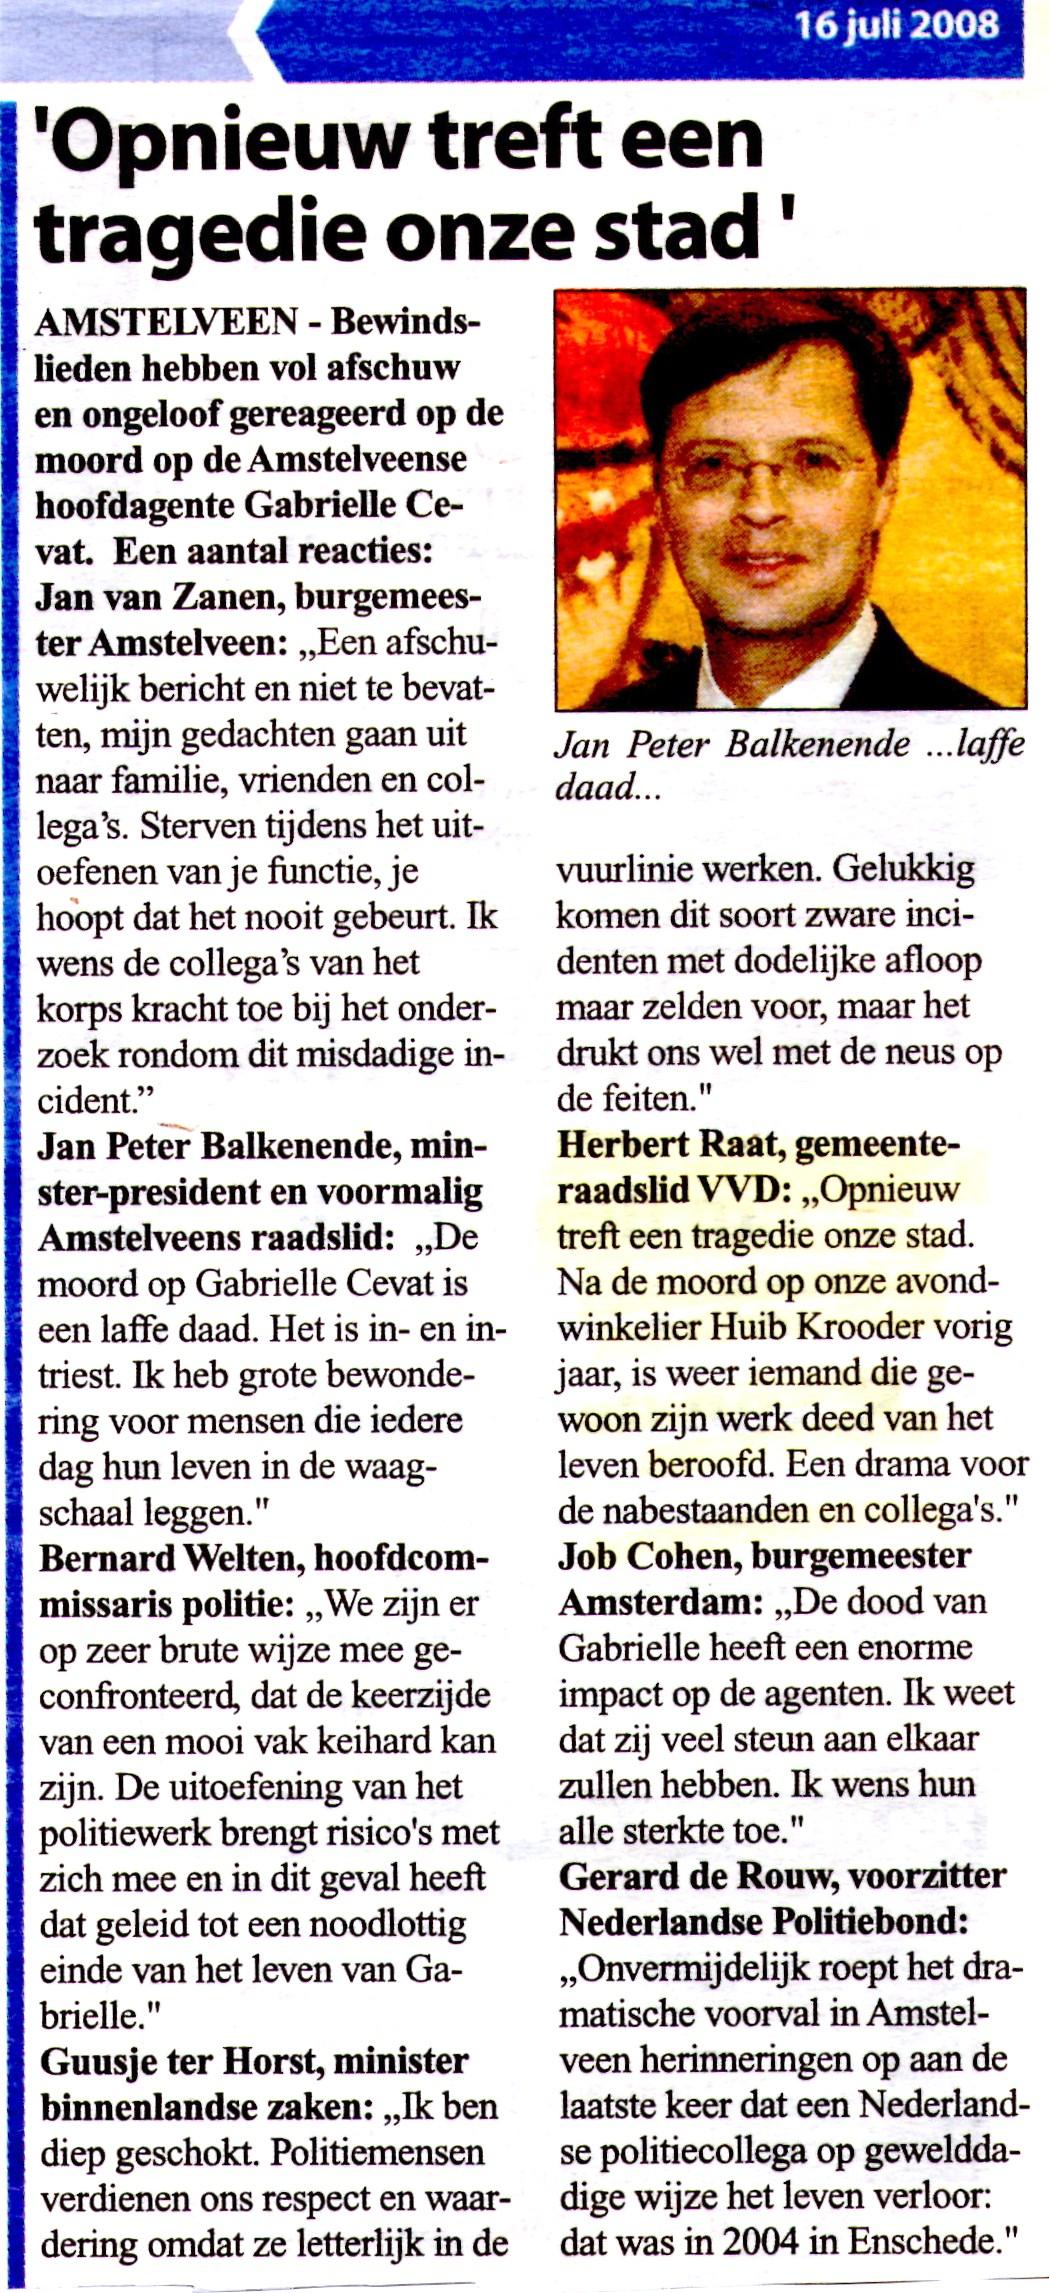 2008-16-7: Amstelveens Nieuwsblad; Jan van Zanen, Jan Pieter Balkenende, Herbert Raat en anderen over de dood van Gabrielle Cevat